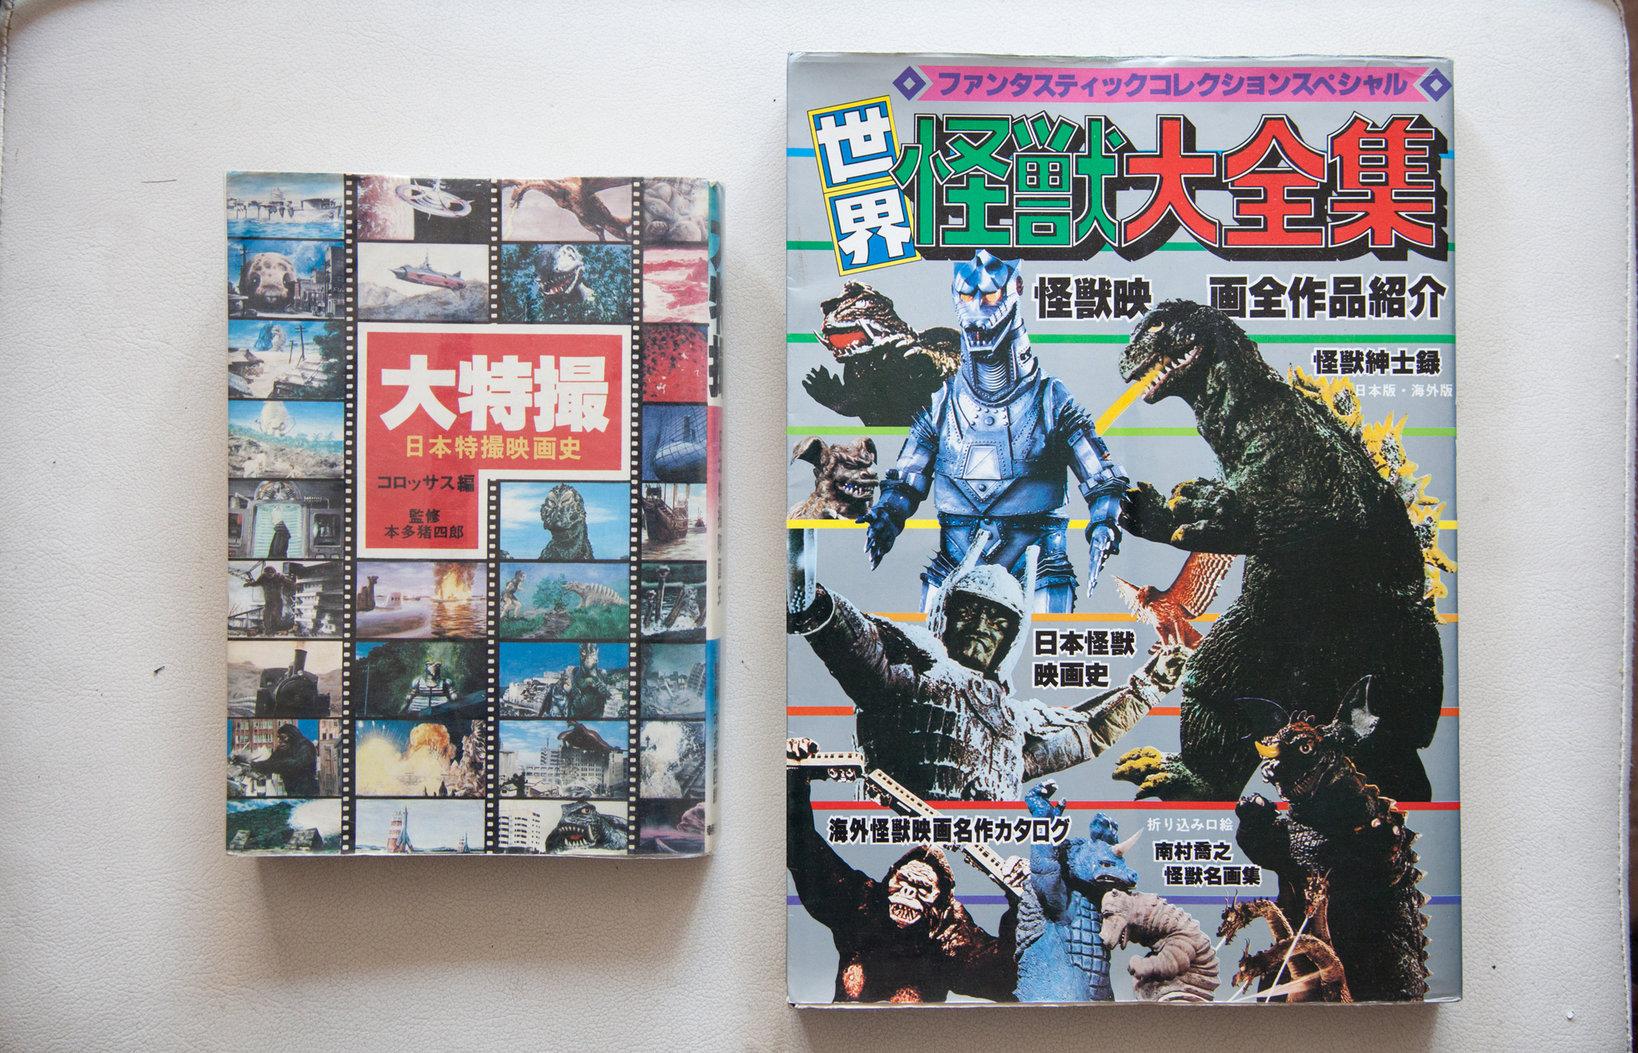 原坂さんが大学生の頃にコロッセオのメンバーの一員として出版した雑誌。当時は、マニアの間でとても売れたそうです